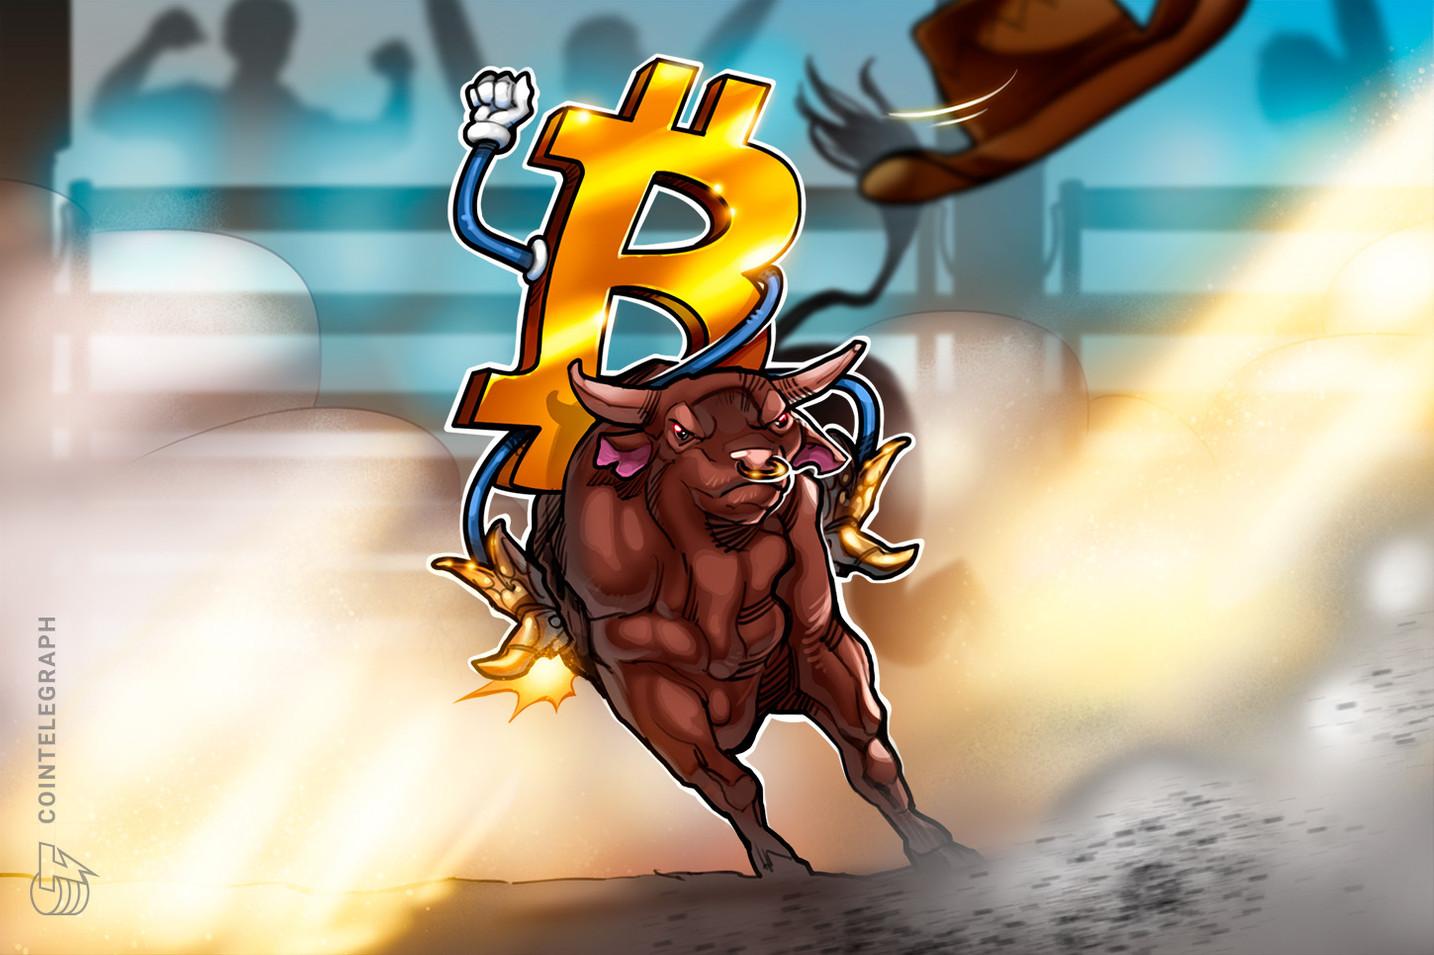 Los alcistas que compran en las caídas empujan el precio de Bitcoin a un nuevo máximo histórico de USD 36,574